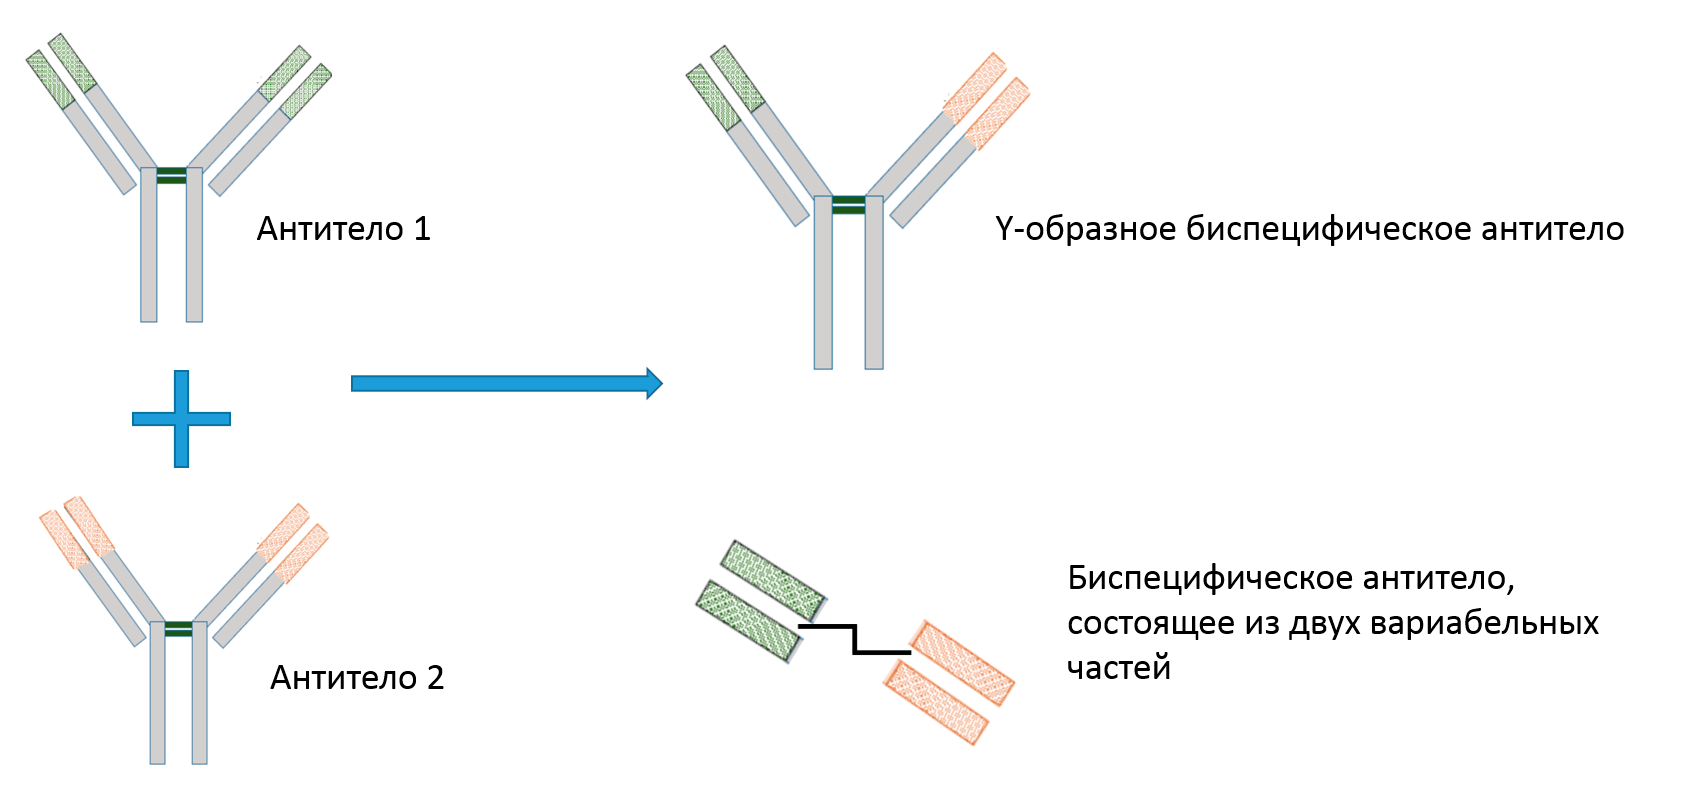 Два типа биспецифических антител